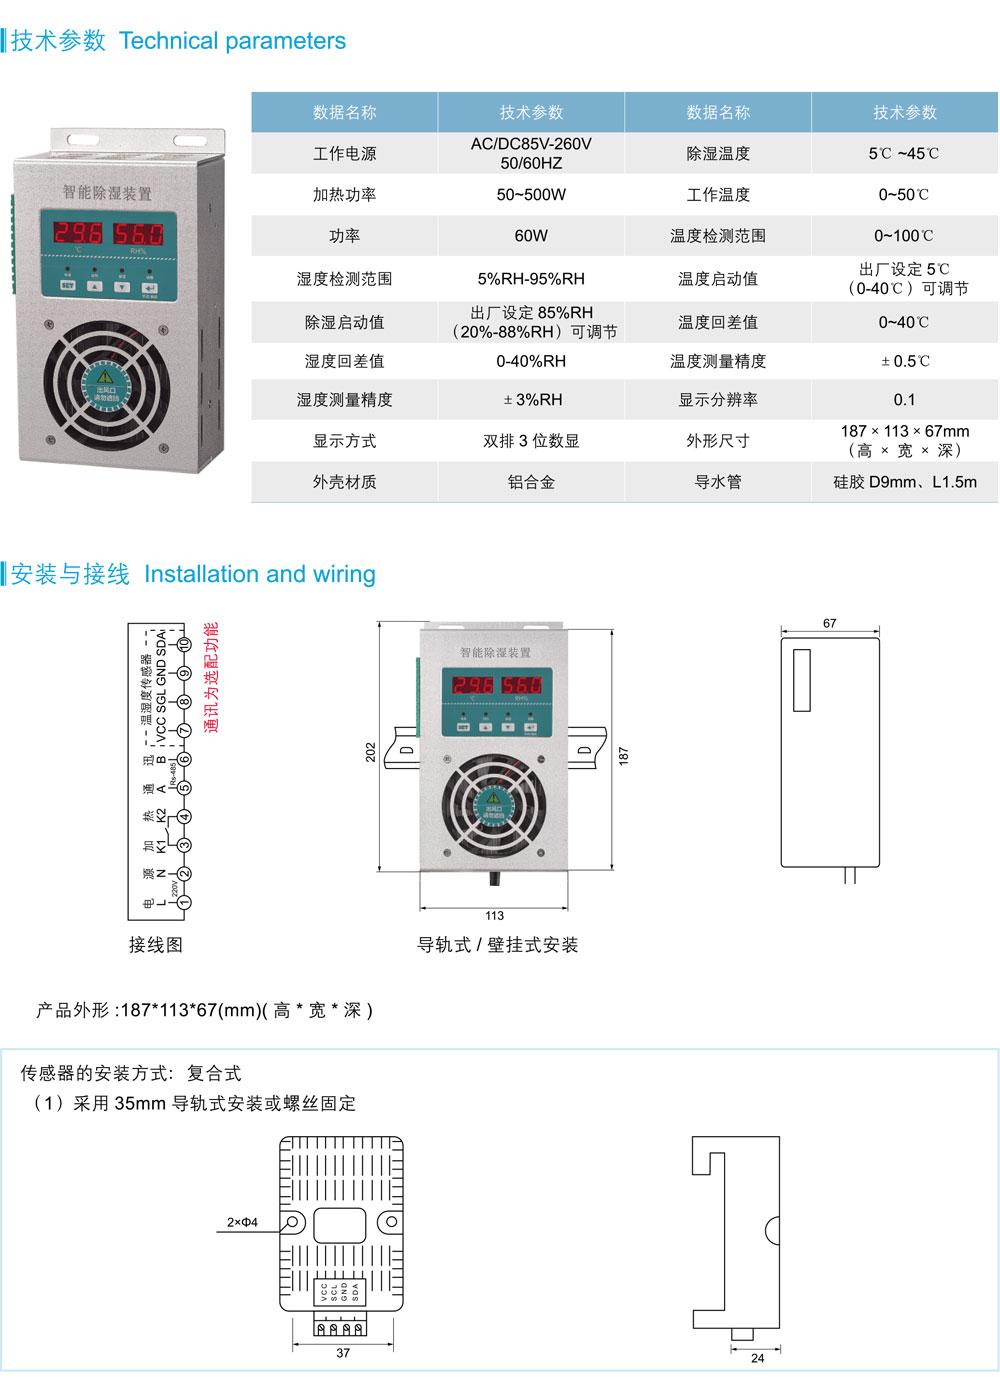 HXDZ-CS60L 铝合金型智能除湿装置详情.jpg